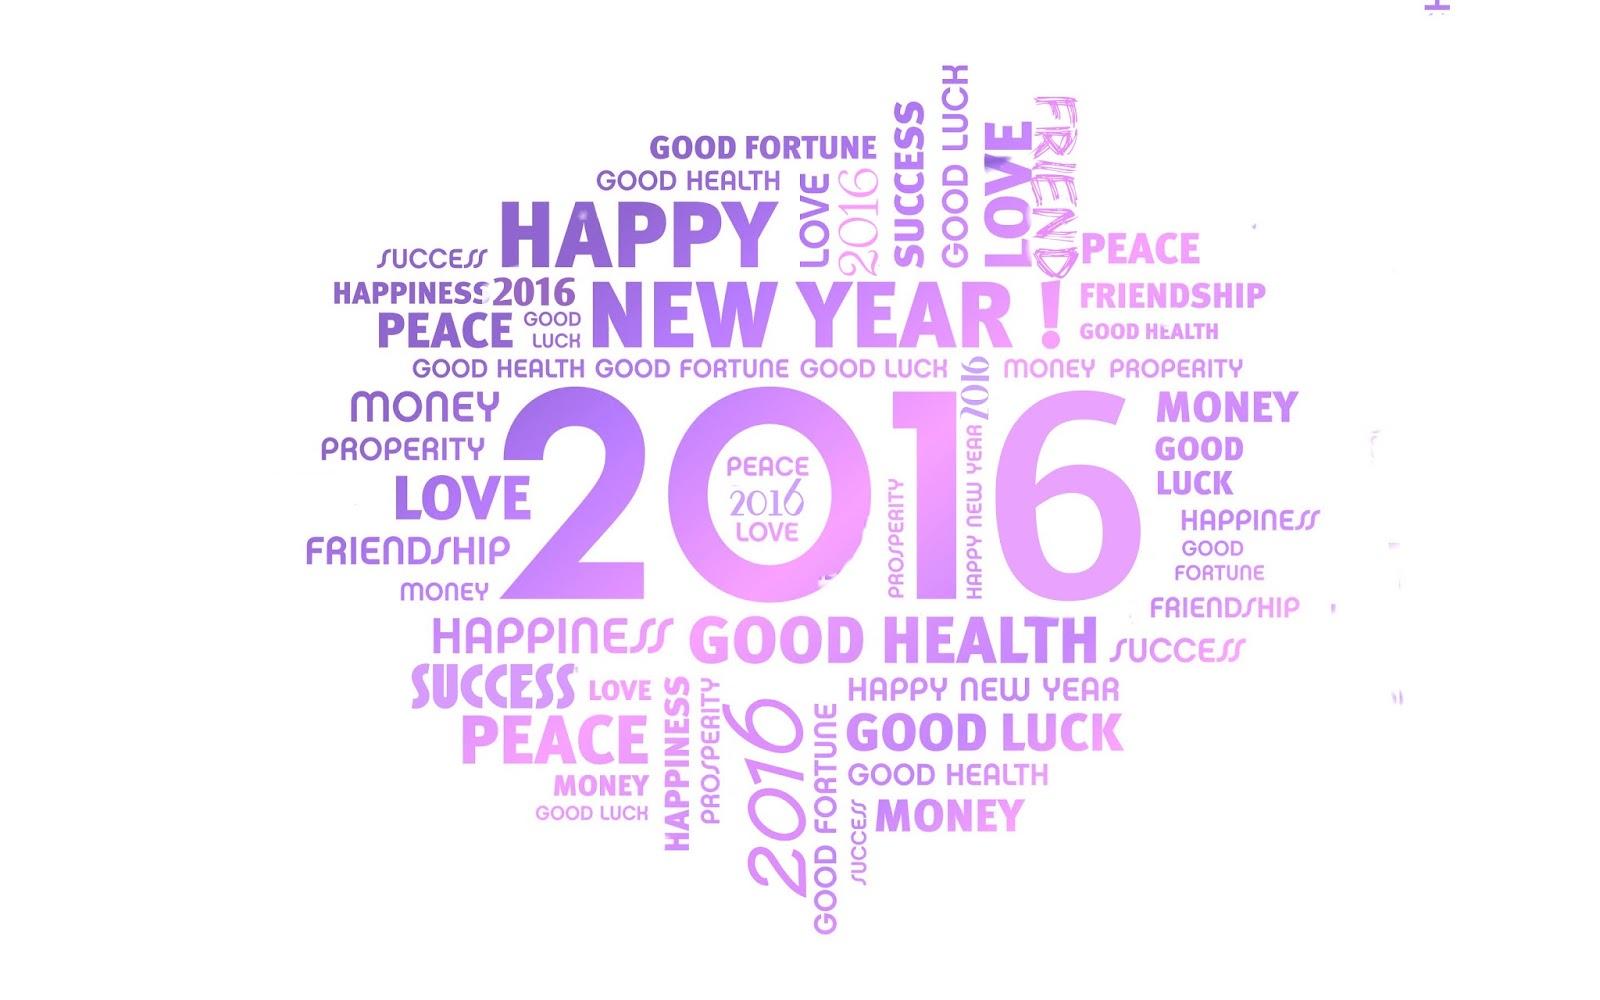 ảnh chúc mừng năm mới 2016